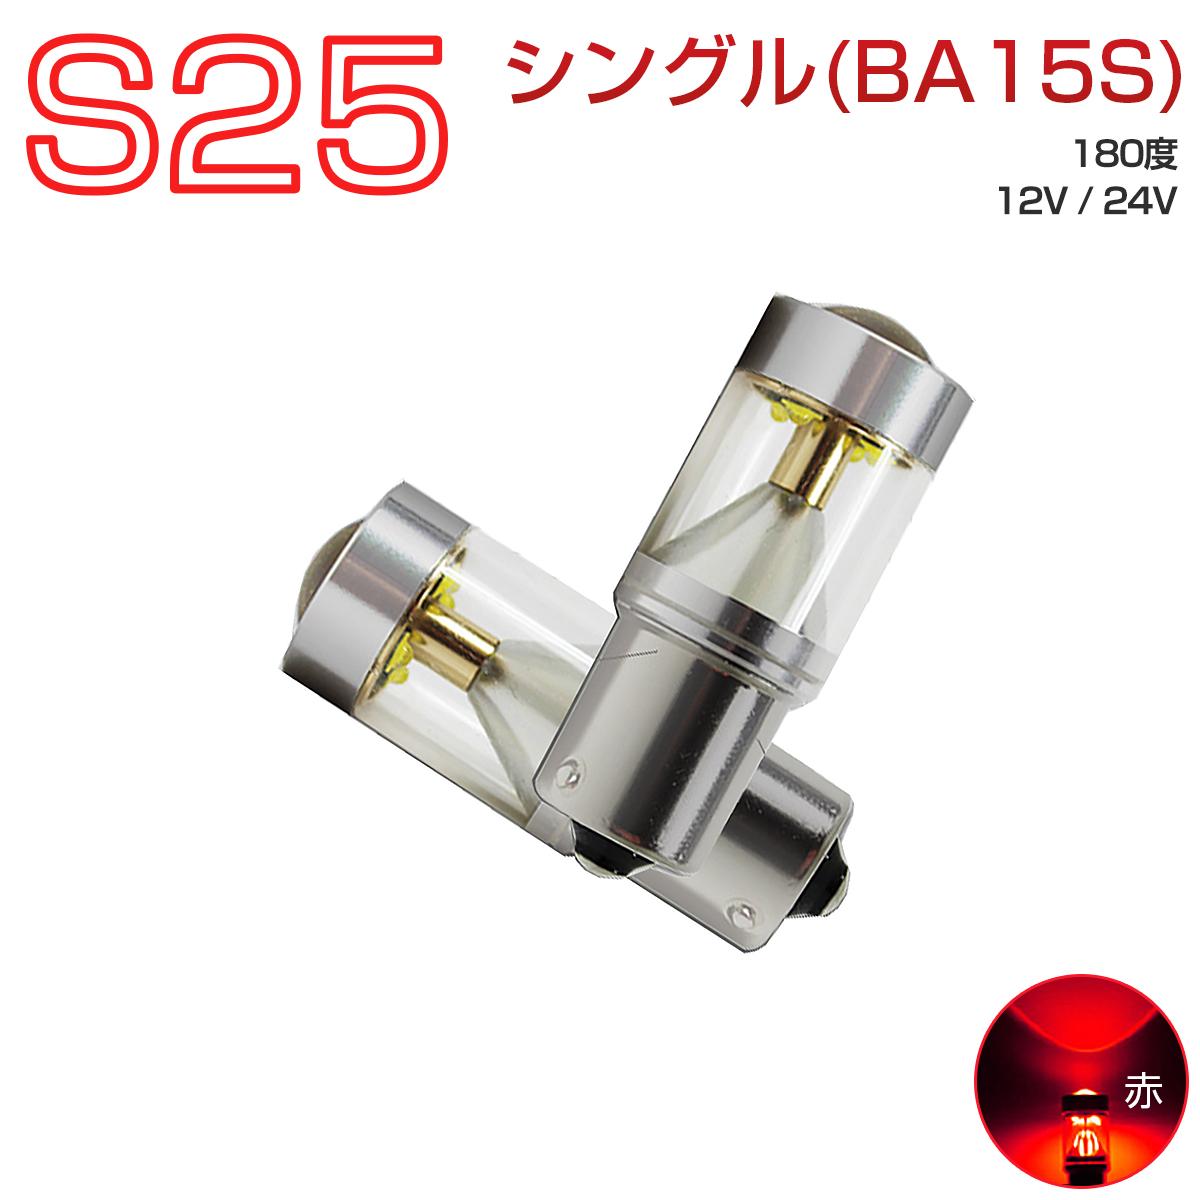 LED S25シングルBA15S レッド赤発光 30W CREEチップ フォグランプ ブレーキ ウインカー バックランプ 2個入り 12V 24V SDM便送料無料 1年保証